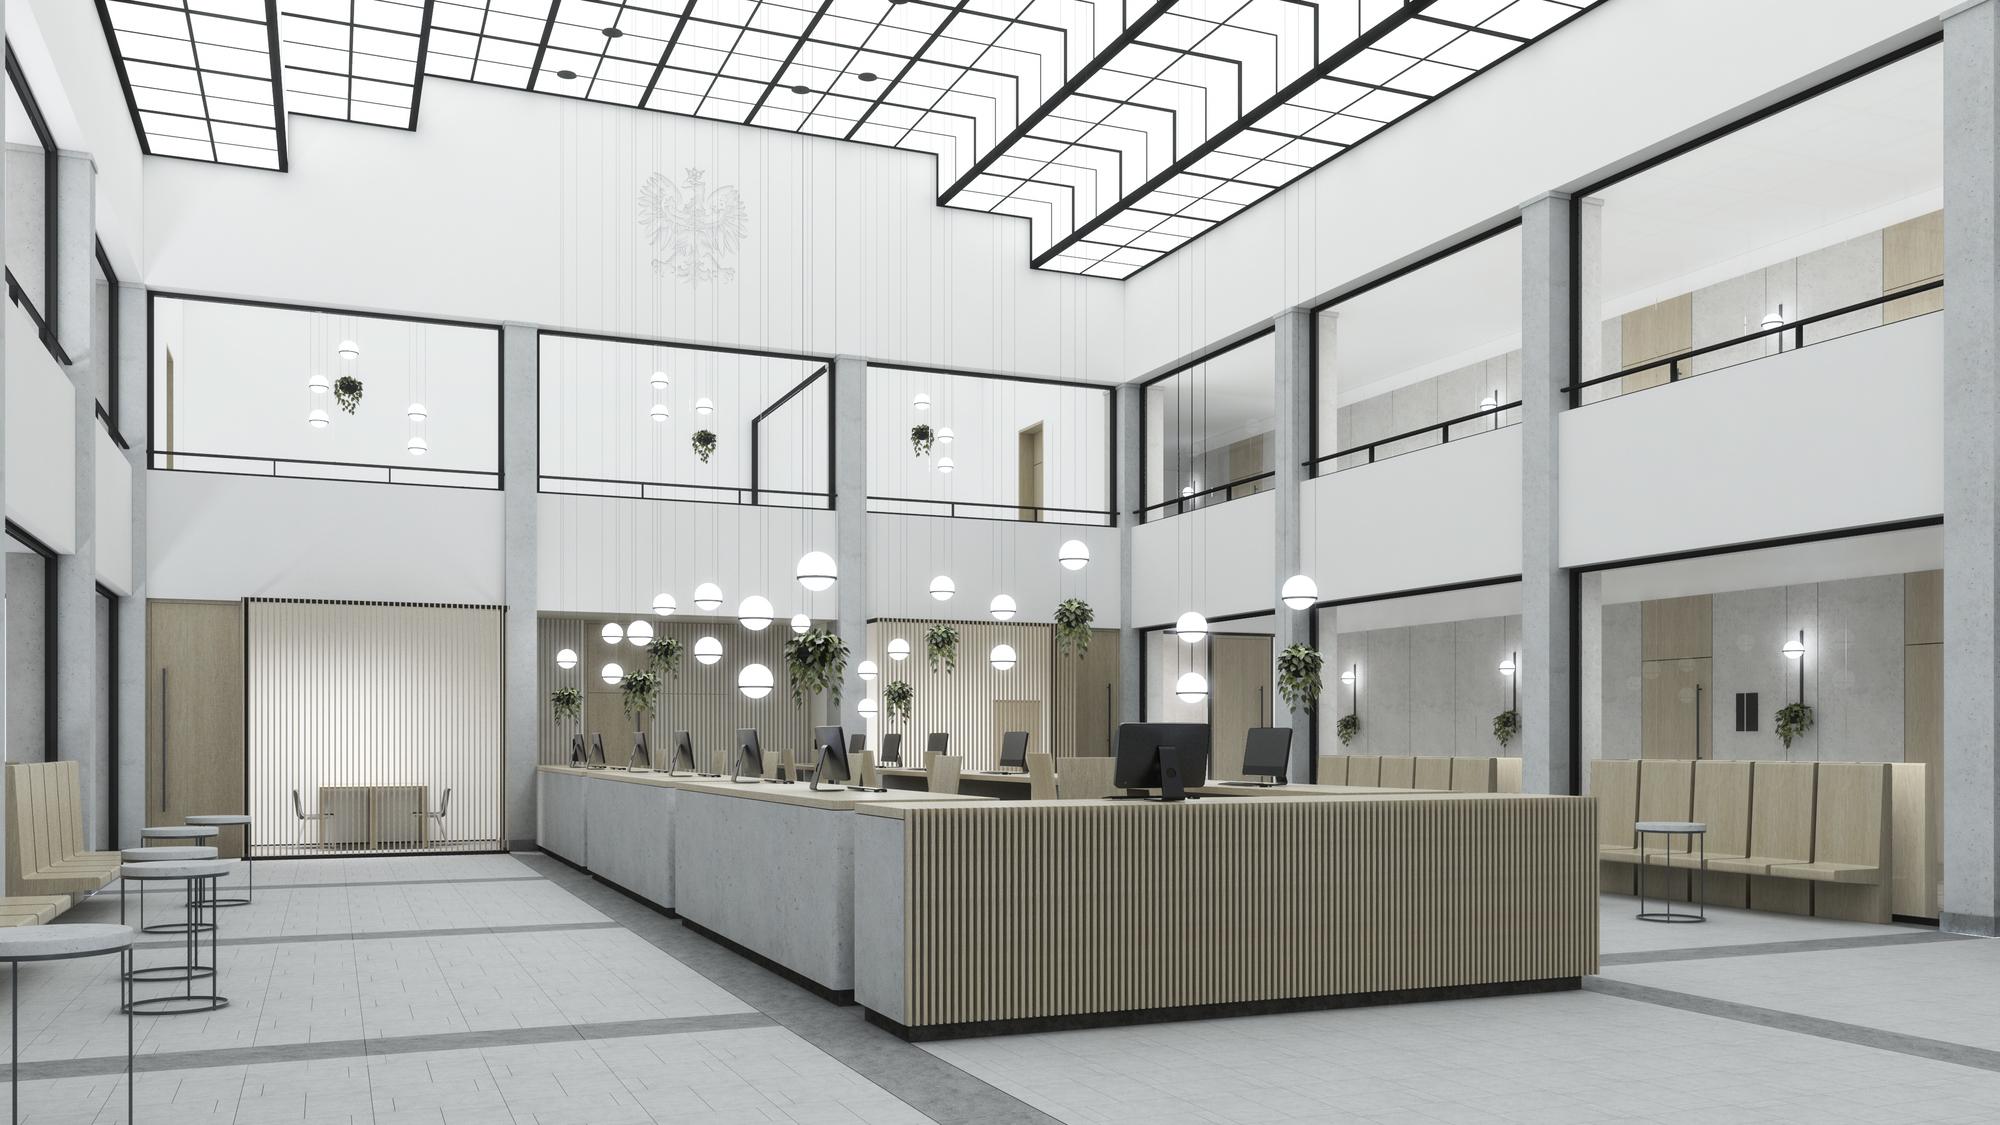 Sąd Rejonowy Szczecin